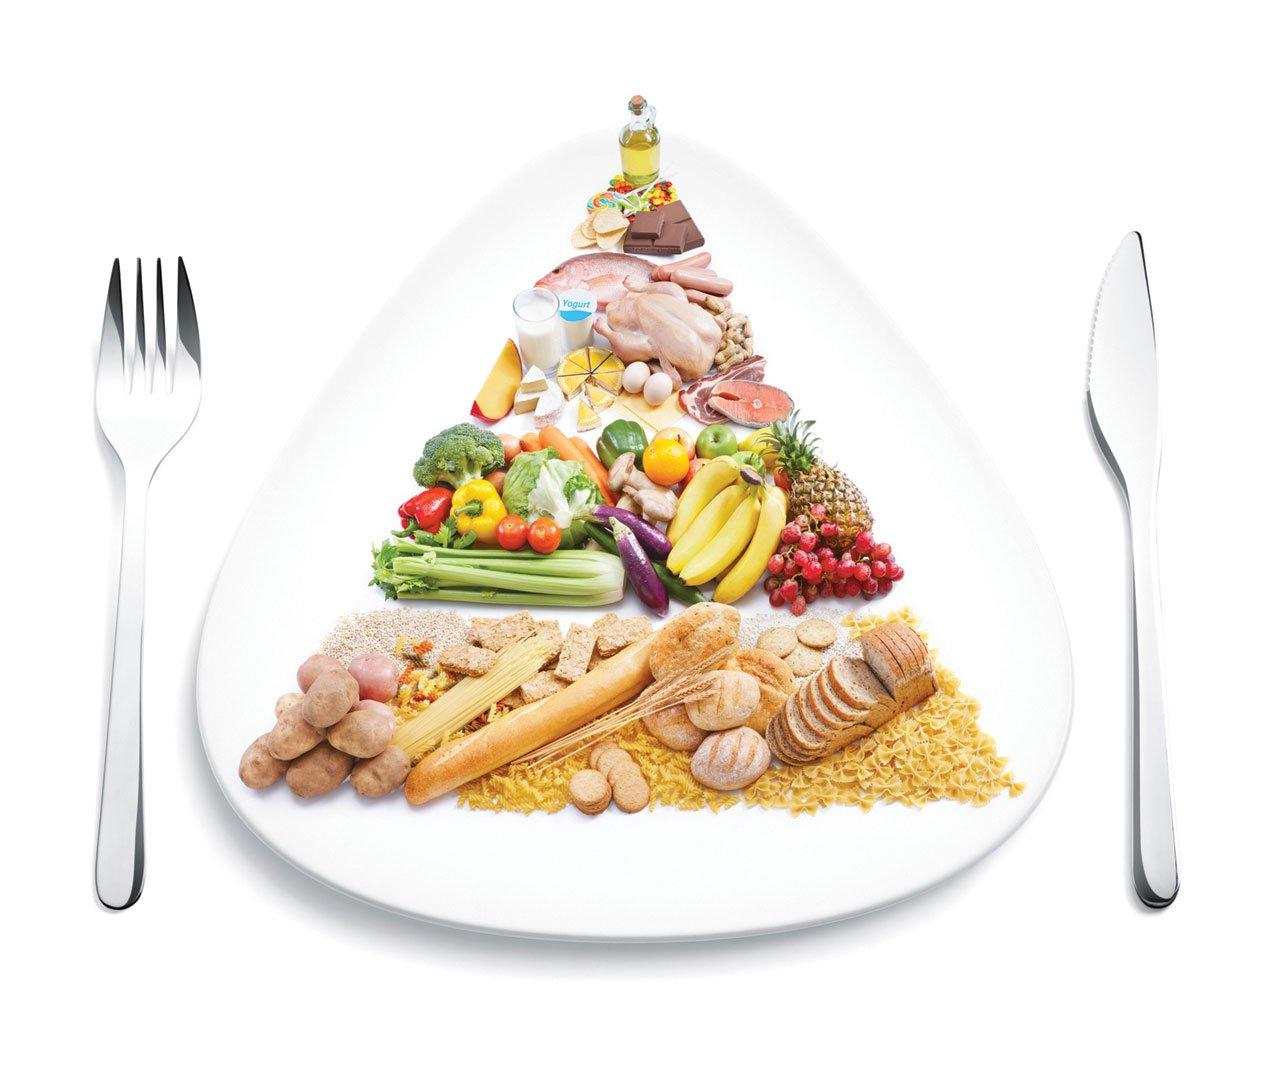 كيفية الوصول الى نظام غذائي يمد بالحيوية والنشاط